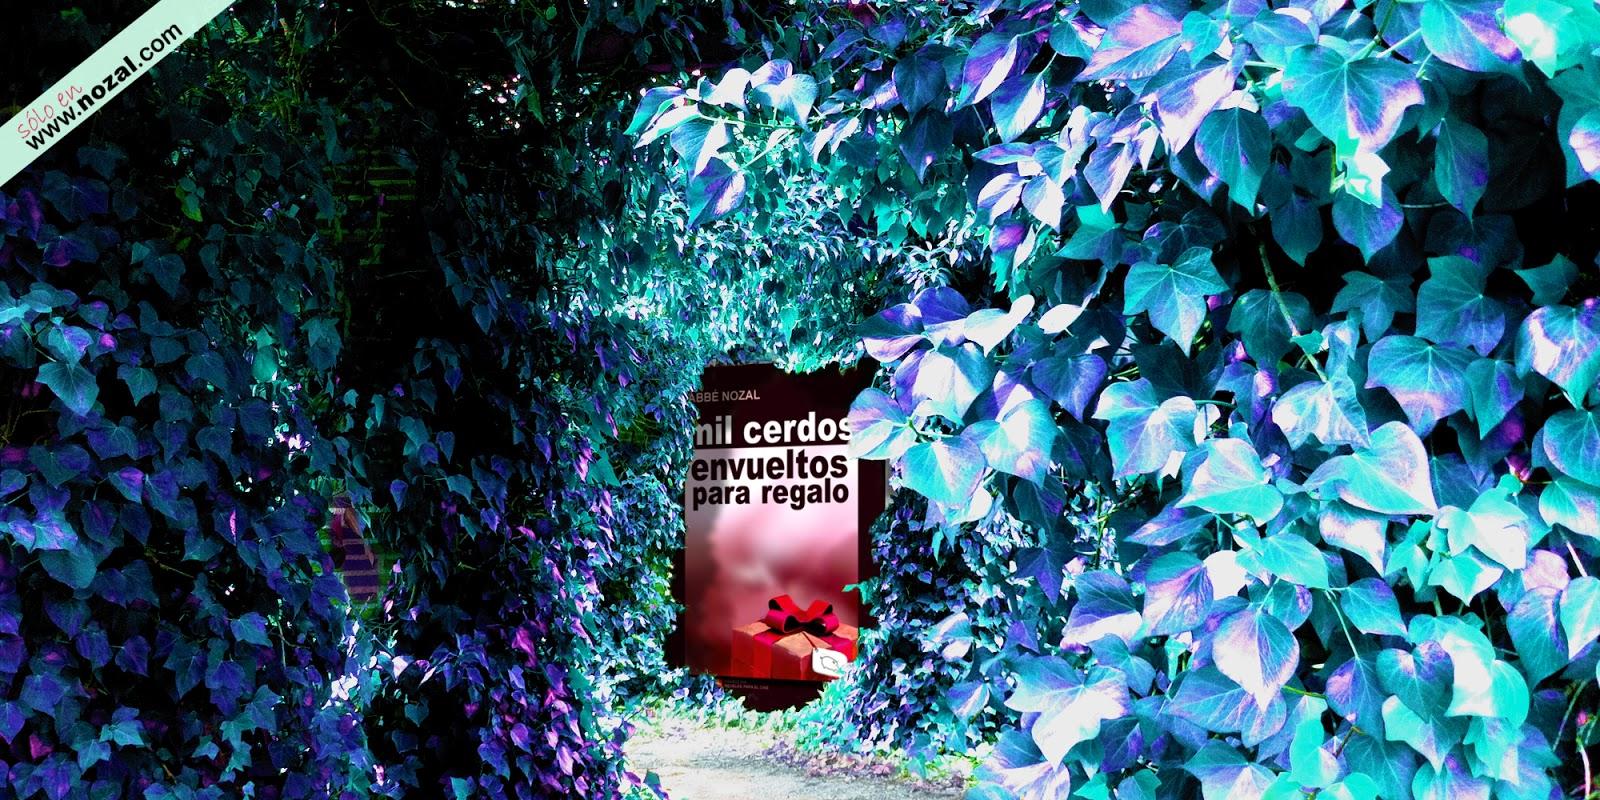 Una novela al fondo, 2014 Abbé Nozal